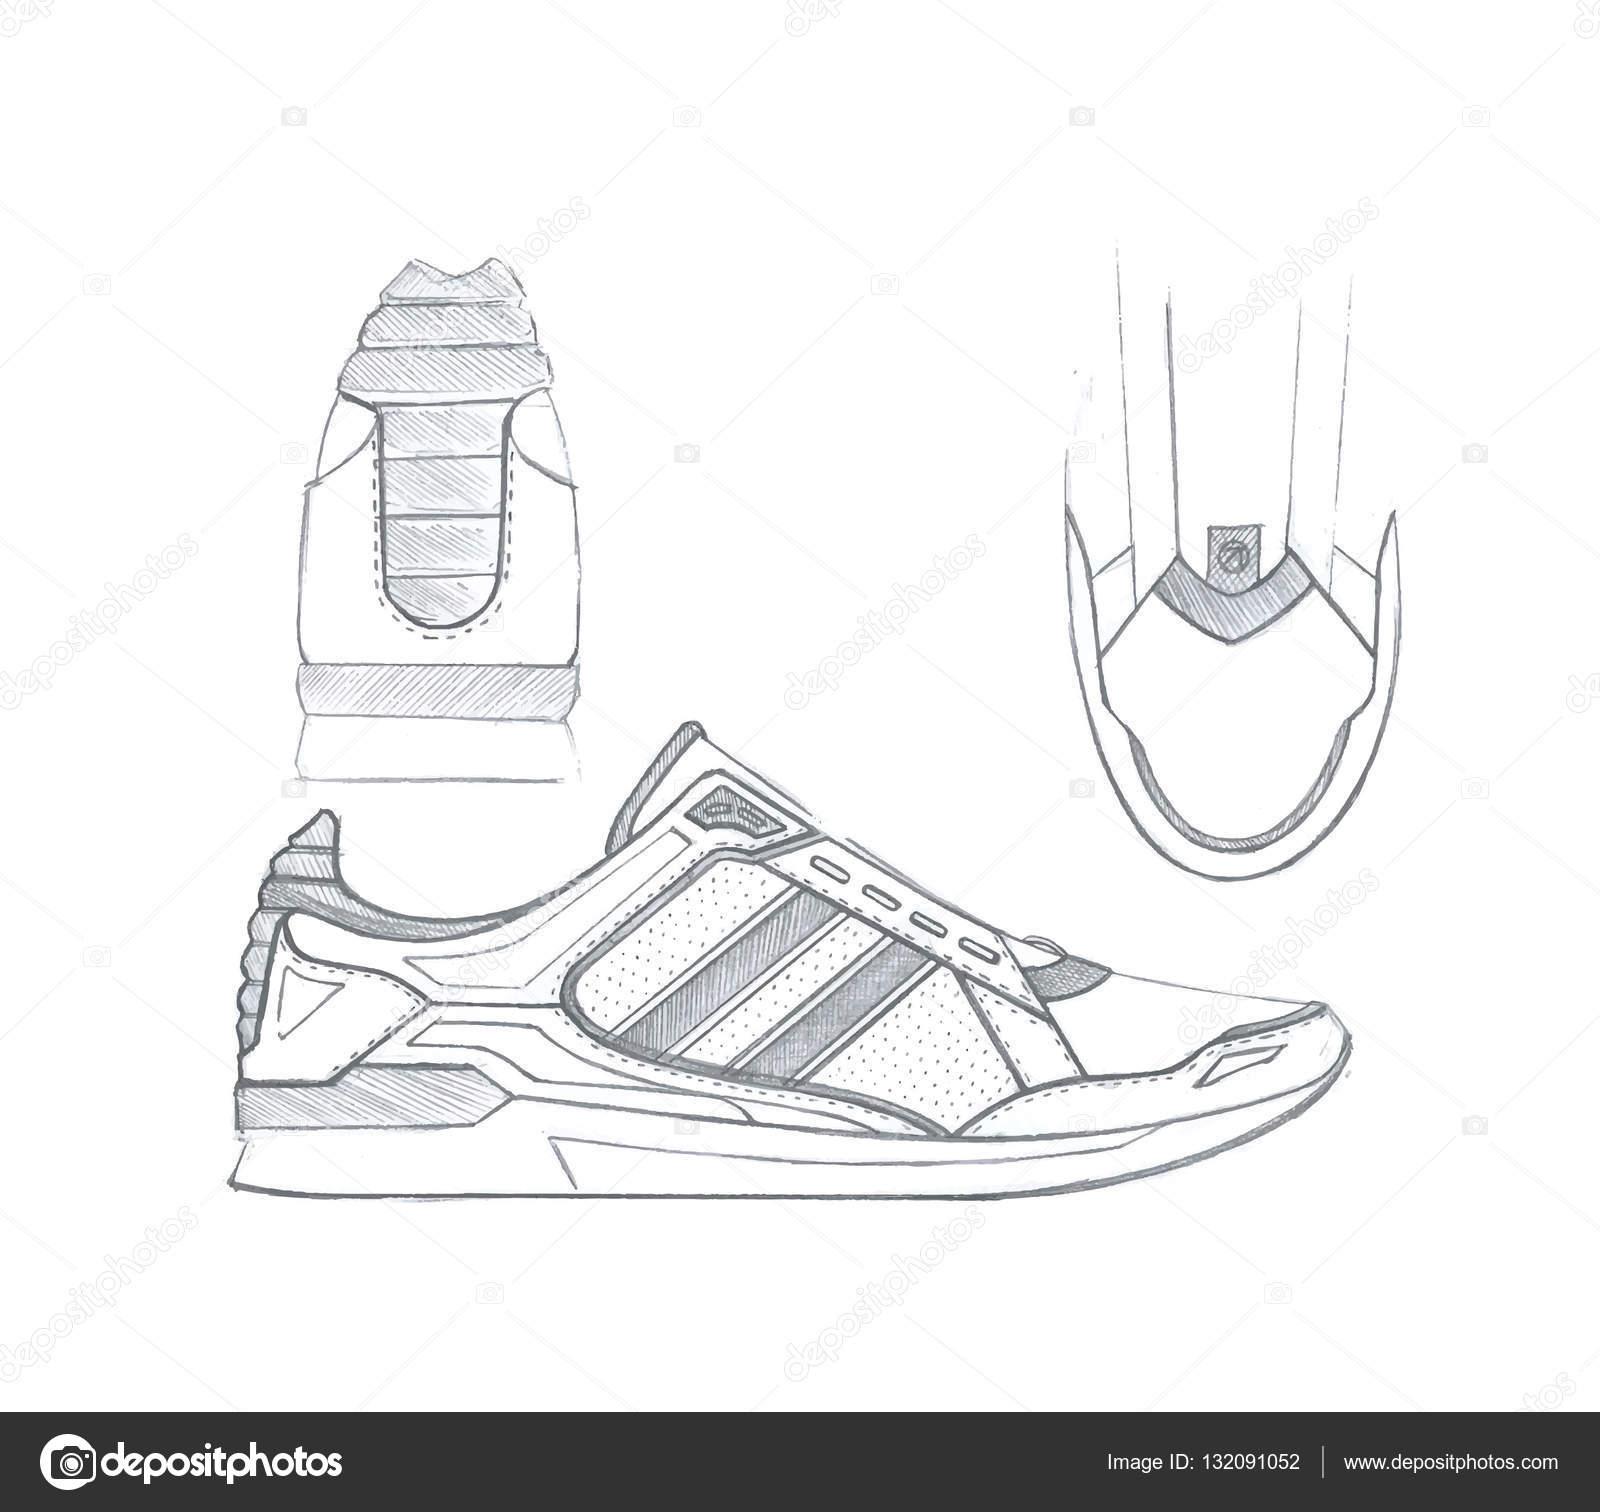 Chaussures Croquis De Sport Dessin image Vectorielle Maxbax w5cEgvPqPx